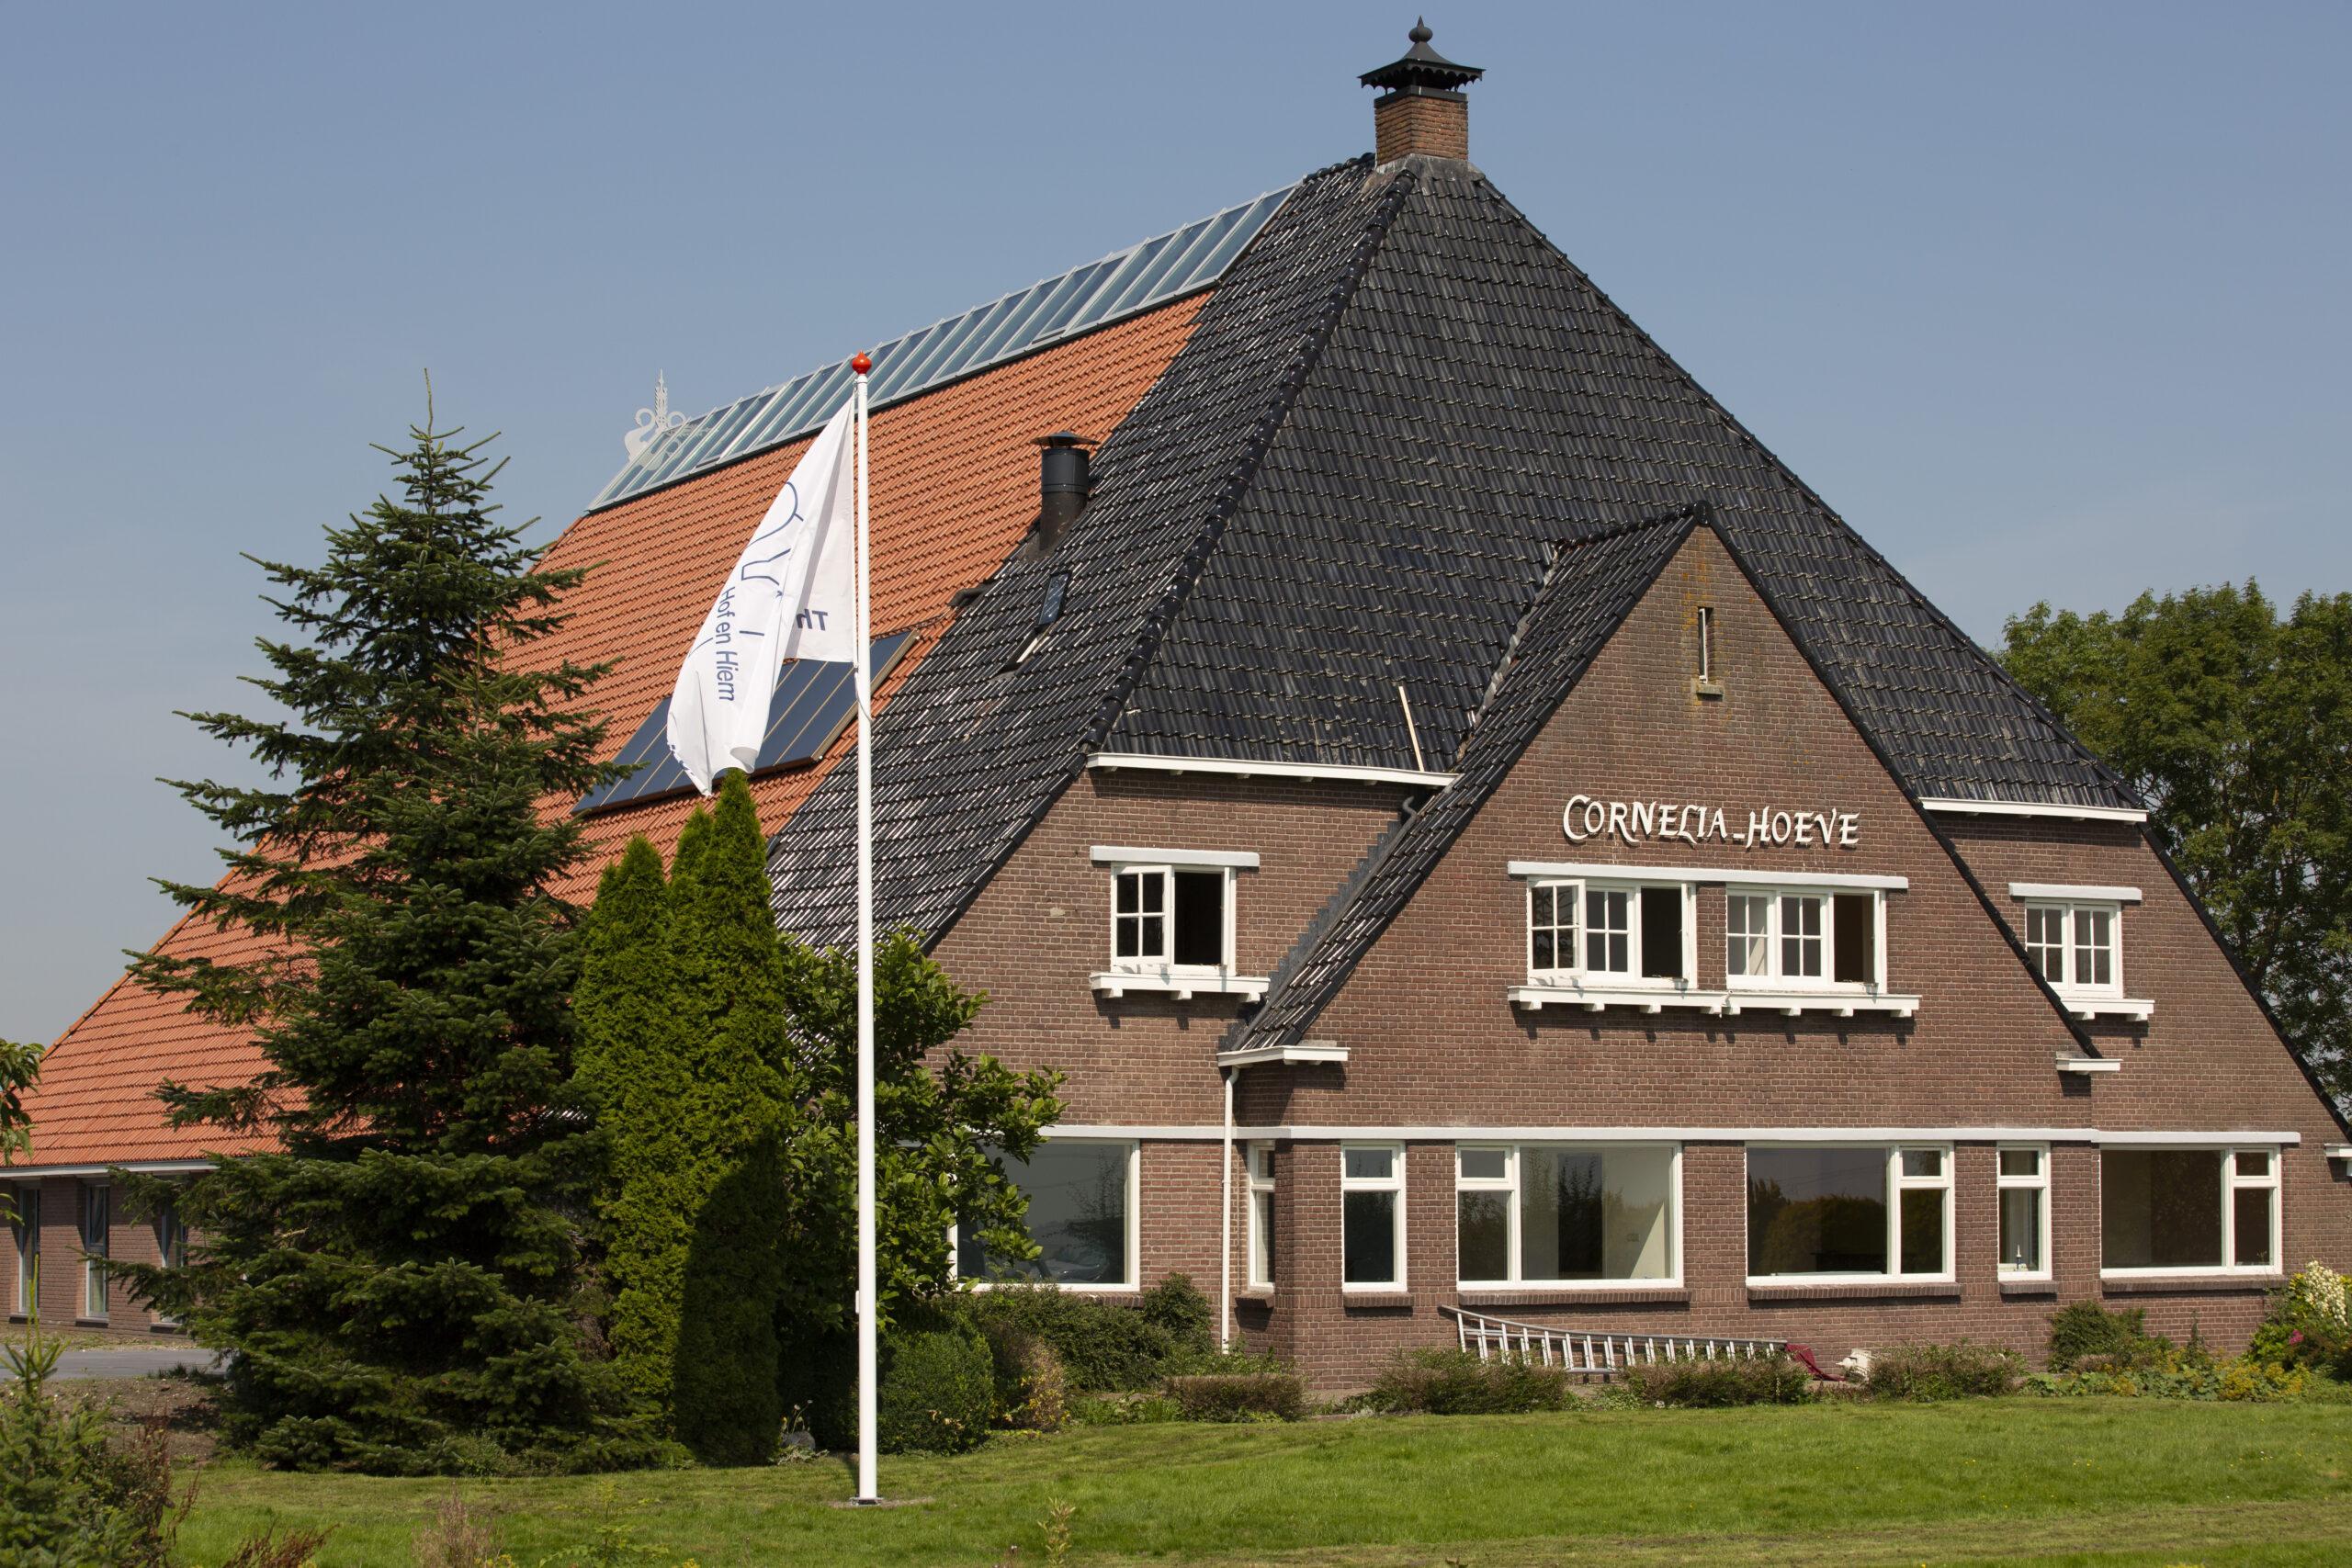 Corneliahoeve